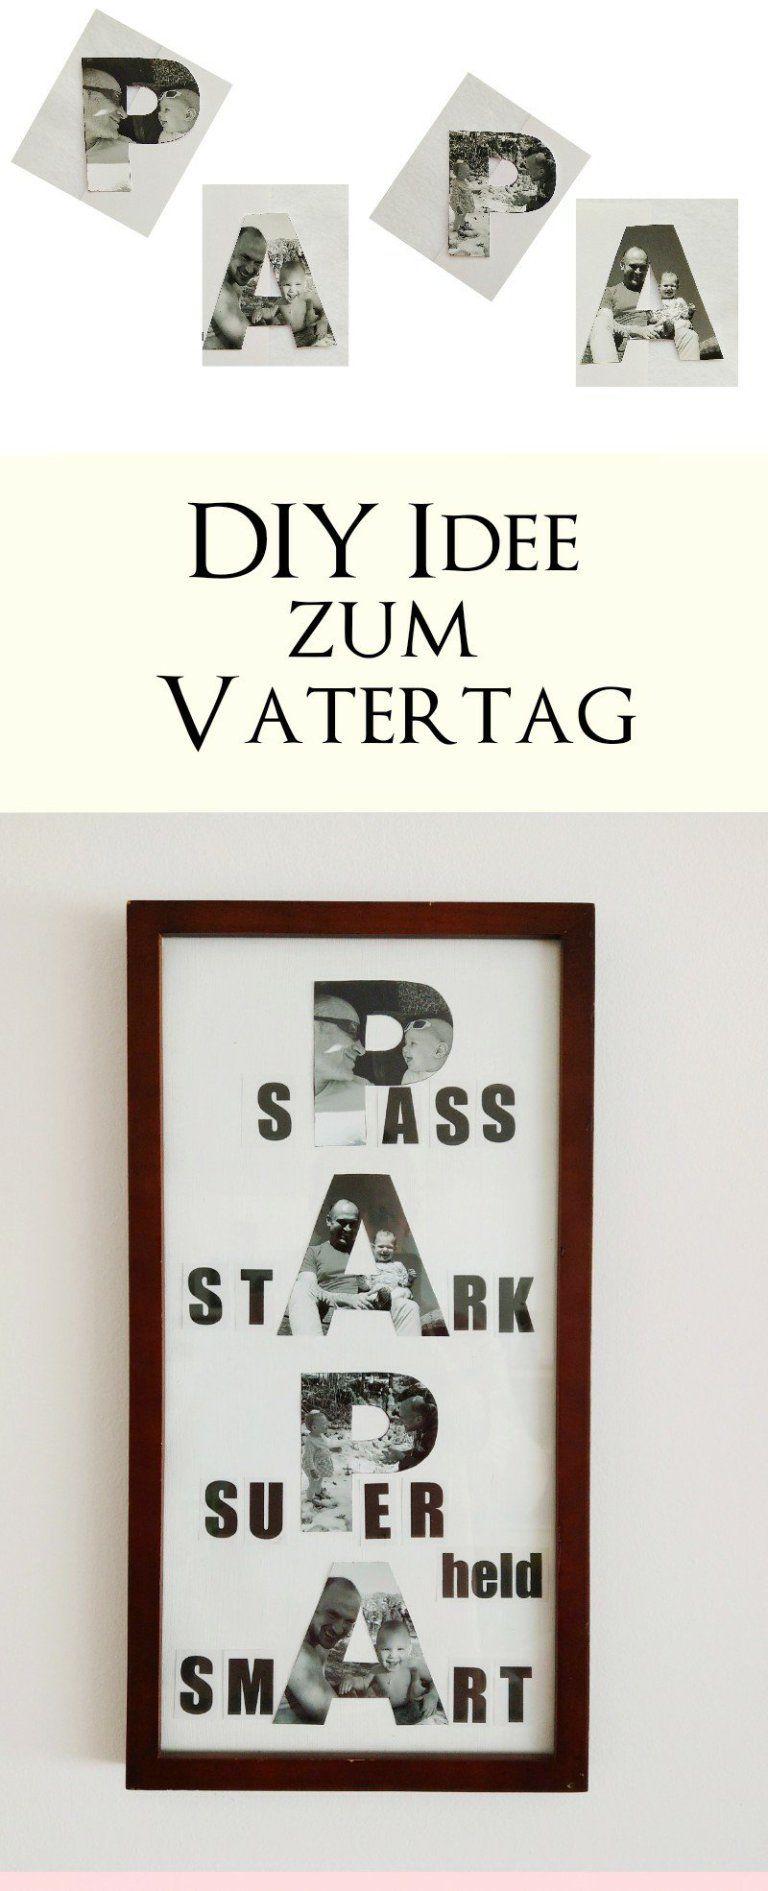 Bilder Zum Muttertag Und Vatertag Basteln - 3 Diy-Ideen Mit verwandt mit Geschenke Zum Selber Machen Für Papa